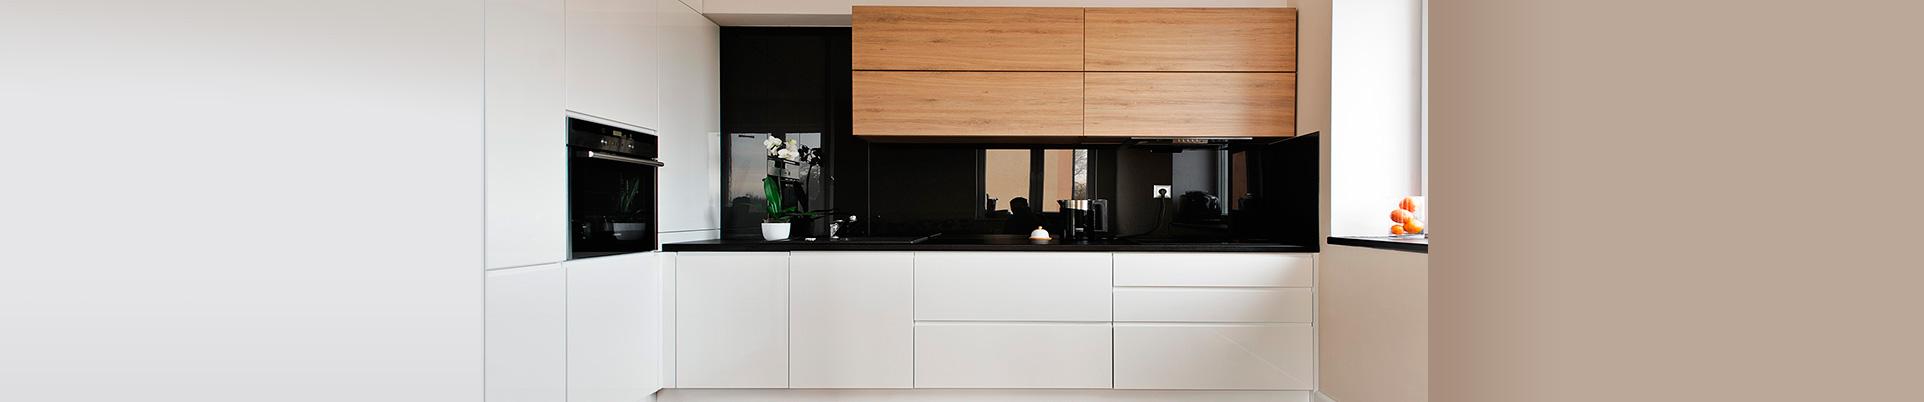 Uljar Komfort Funkcjonalnych Rozwiazan Kuchnie Zabudowy